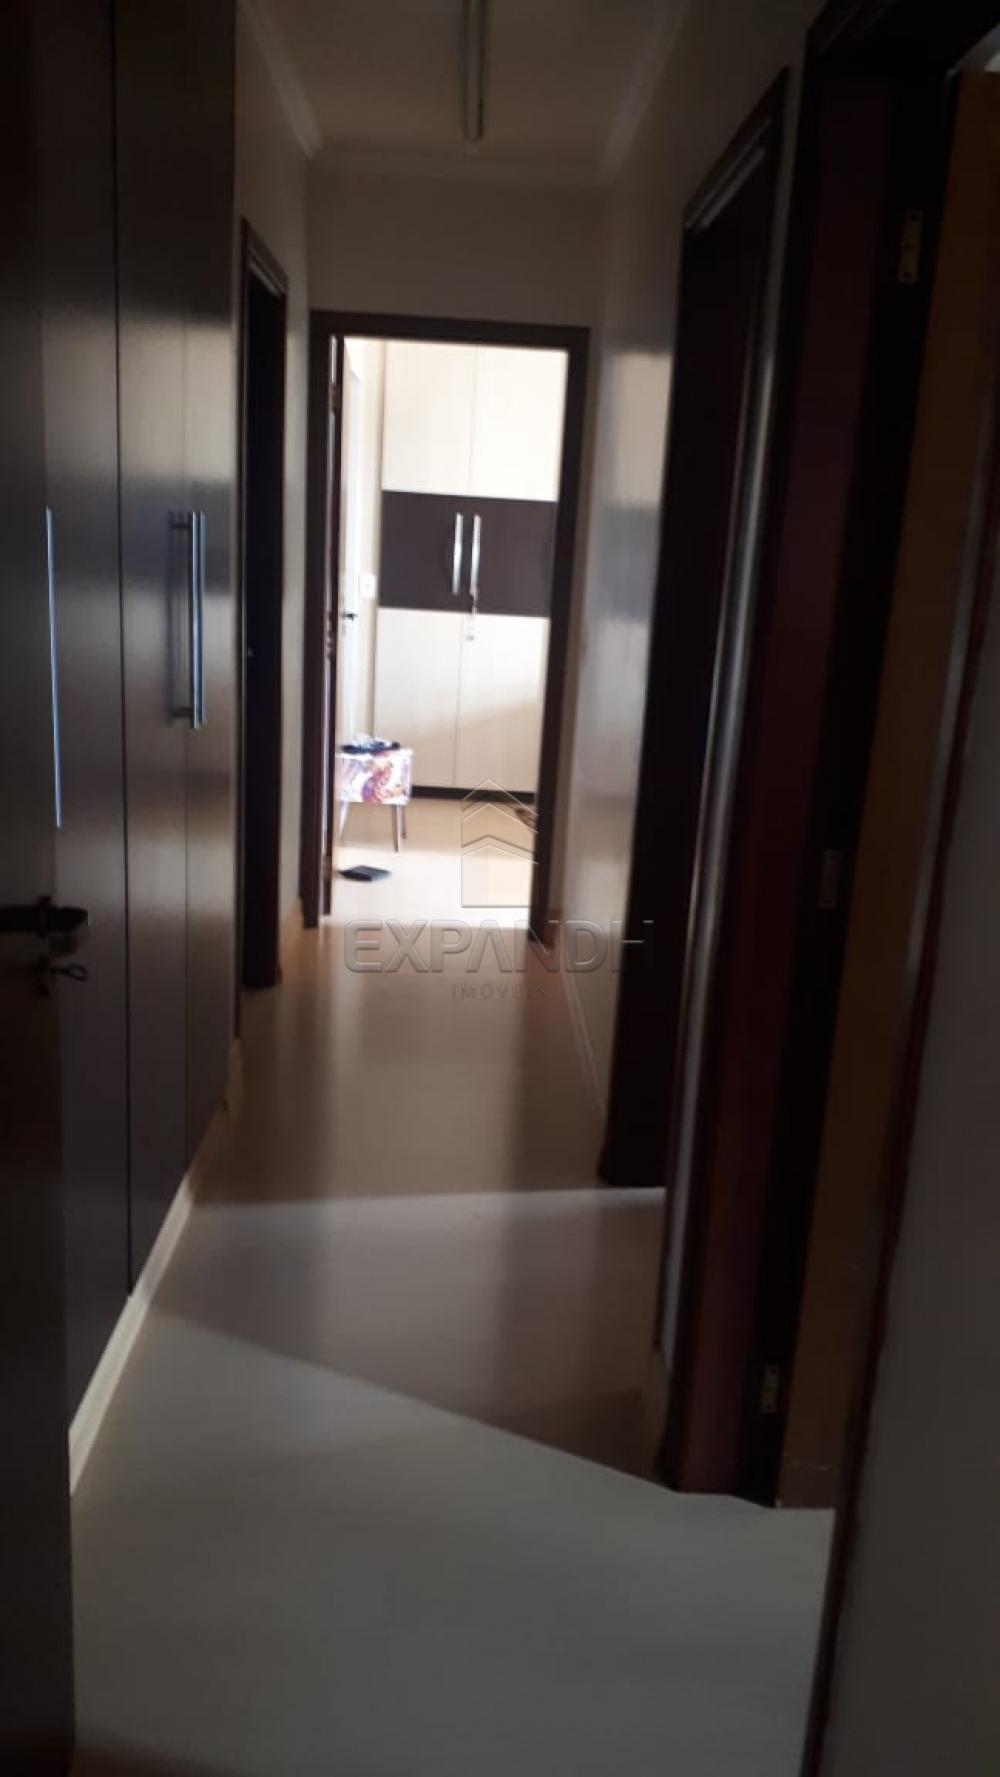 Comprar Apartamentos / Padrão em Sertãozinho R$ 380.000,00 - Foto 32